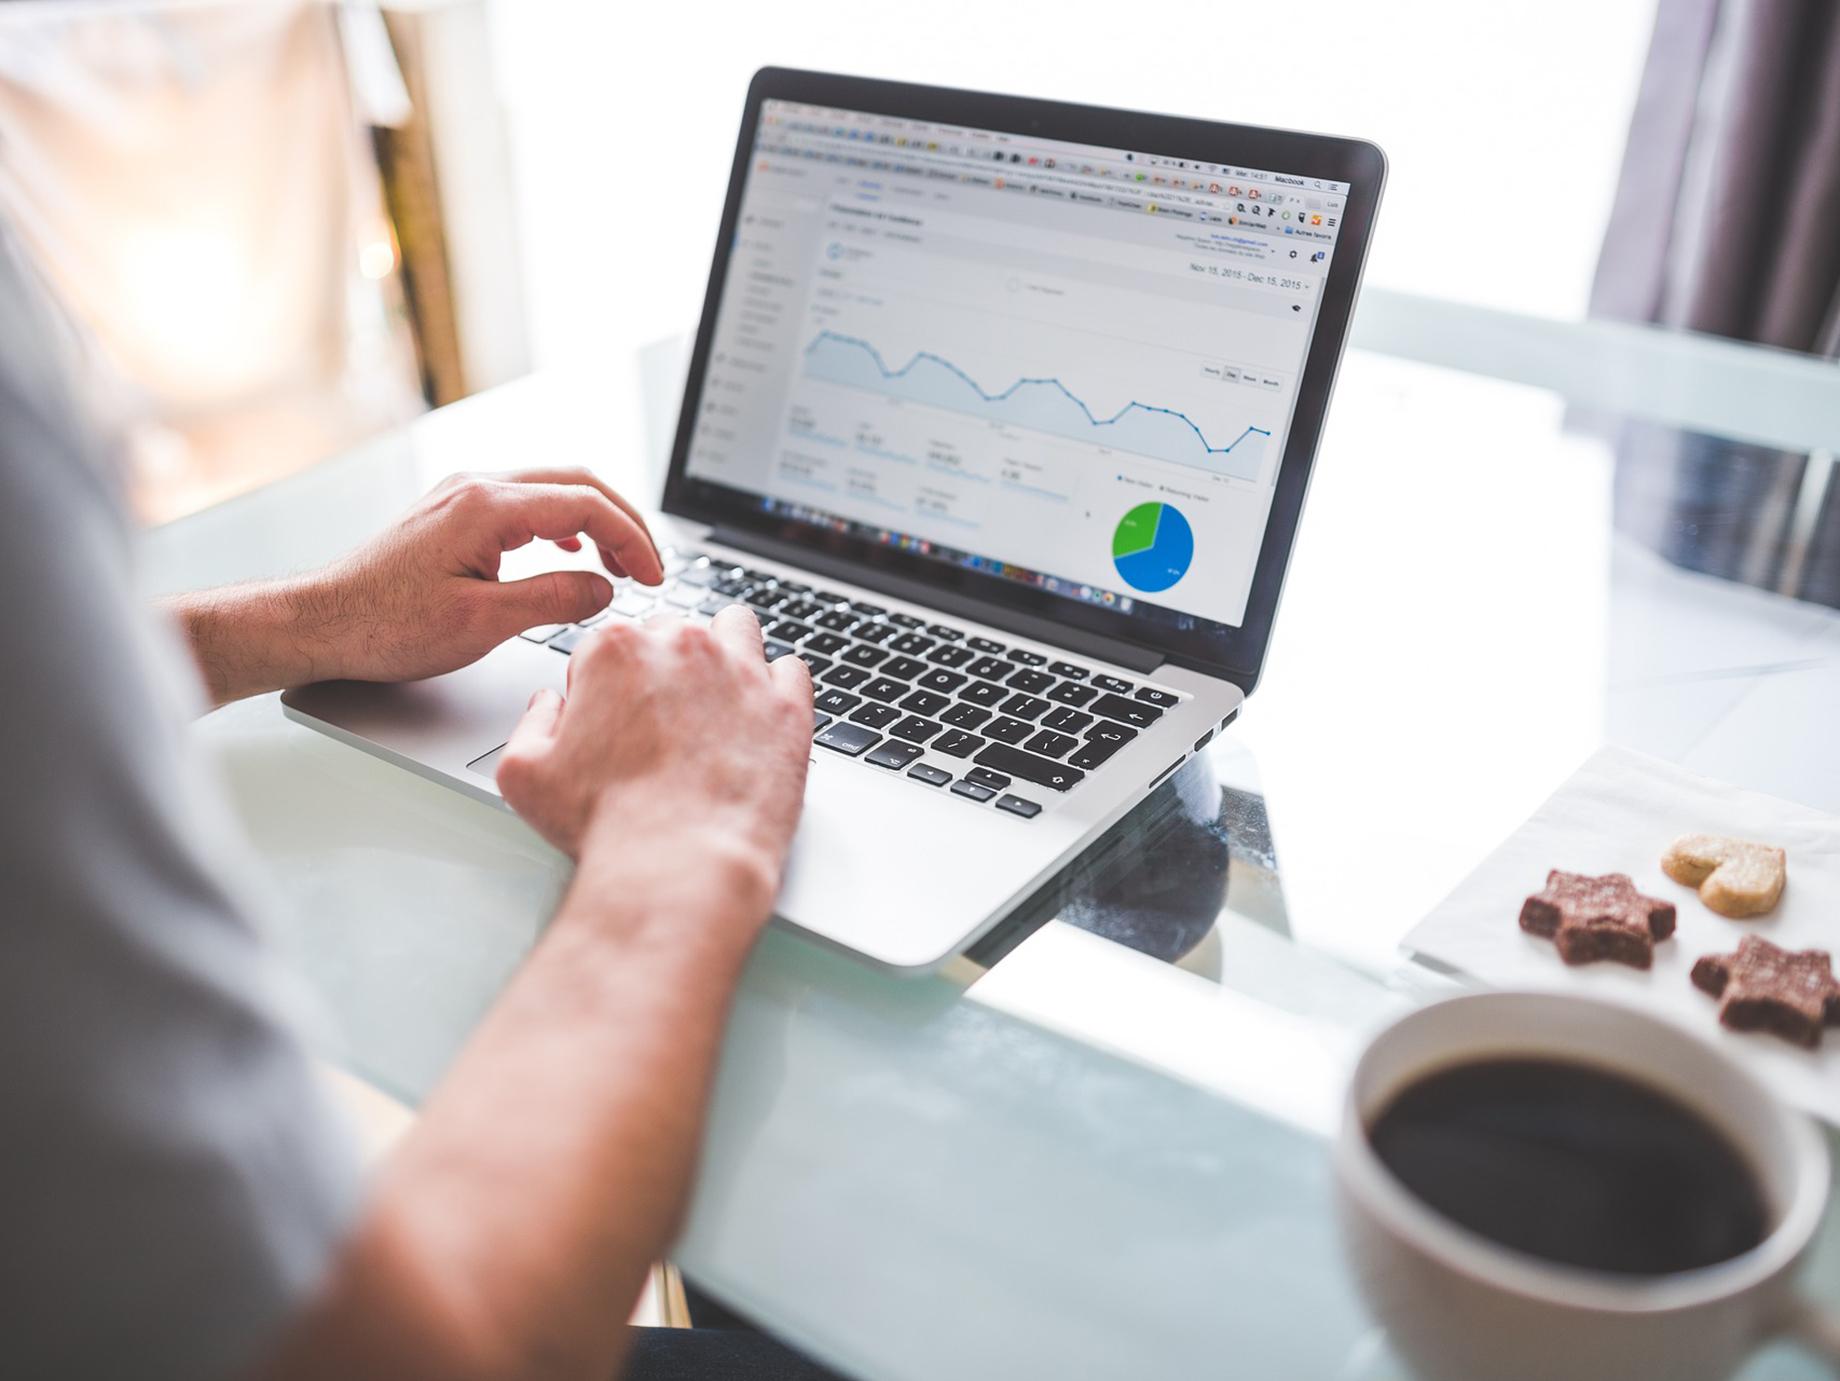 守住價值才能讓客戶掏心!那些「數據」沒說的「產品經營」3件事